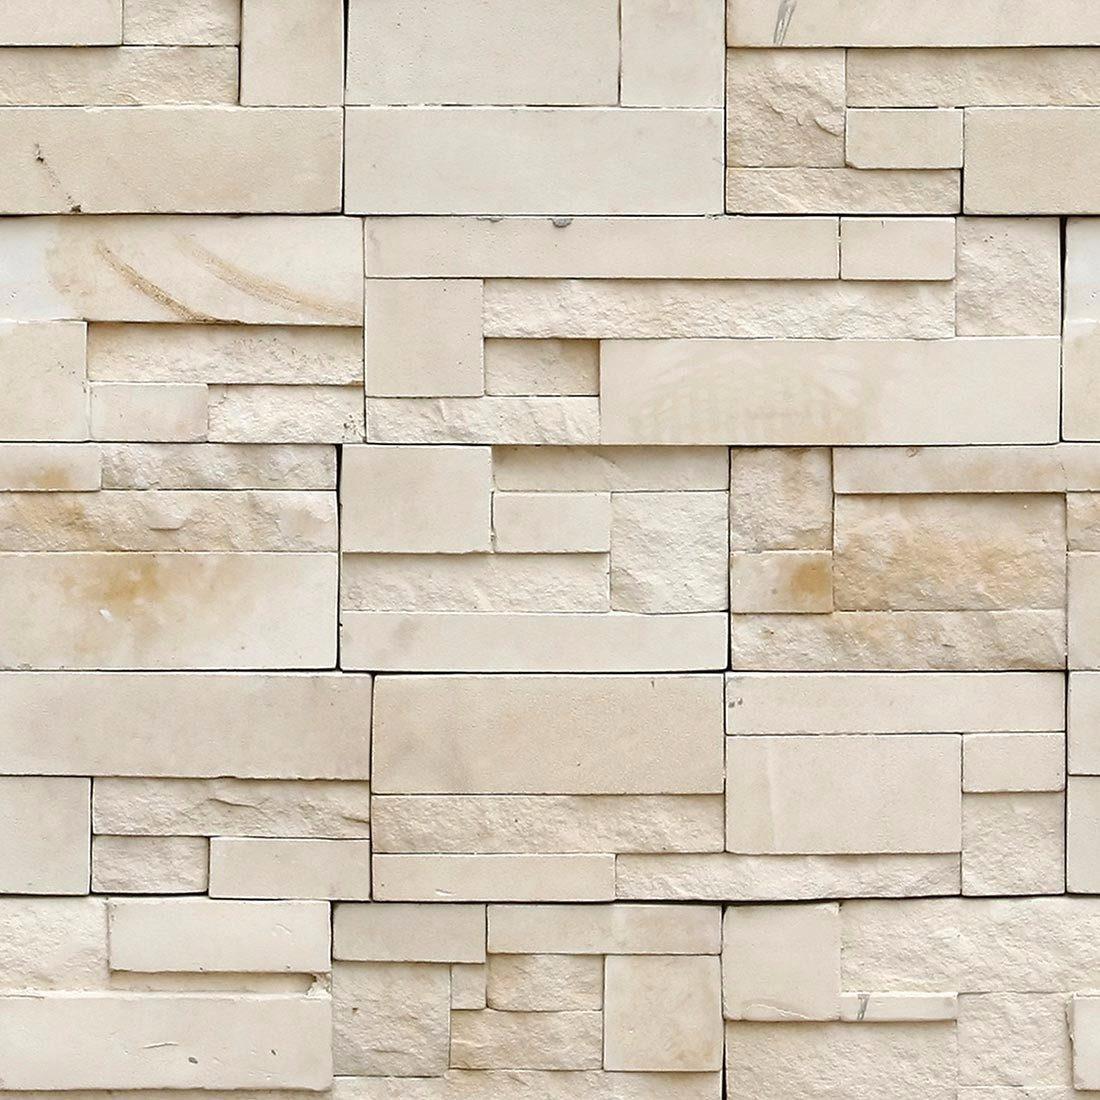 d338faed3 papel de parede 3d pedras rustico beje vinílico. Carregando zoom.